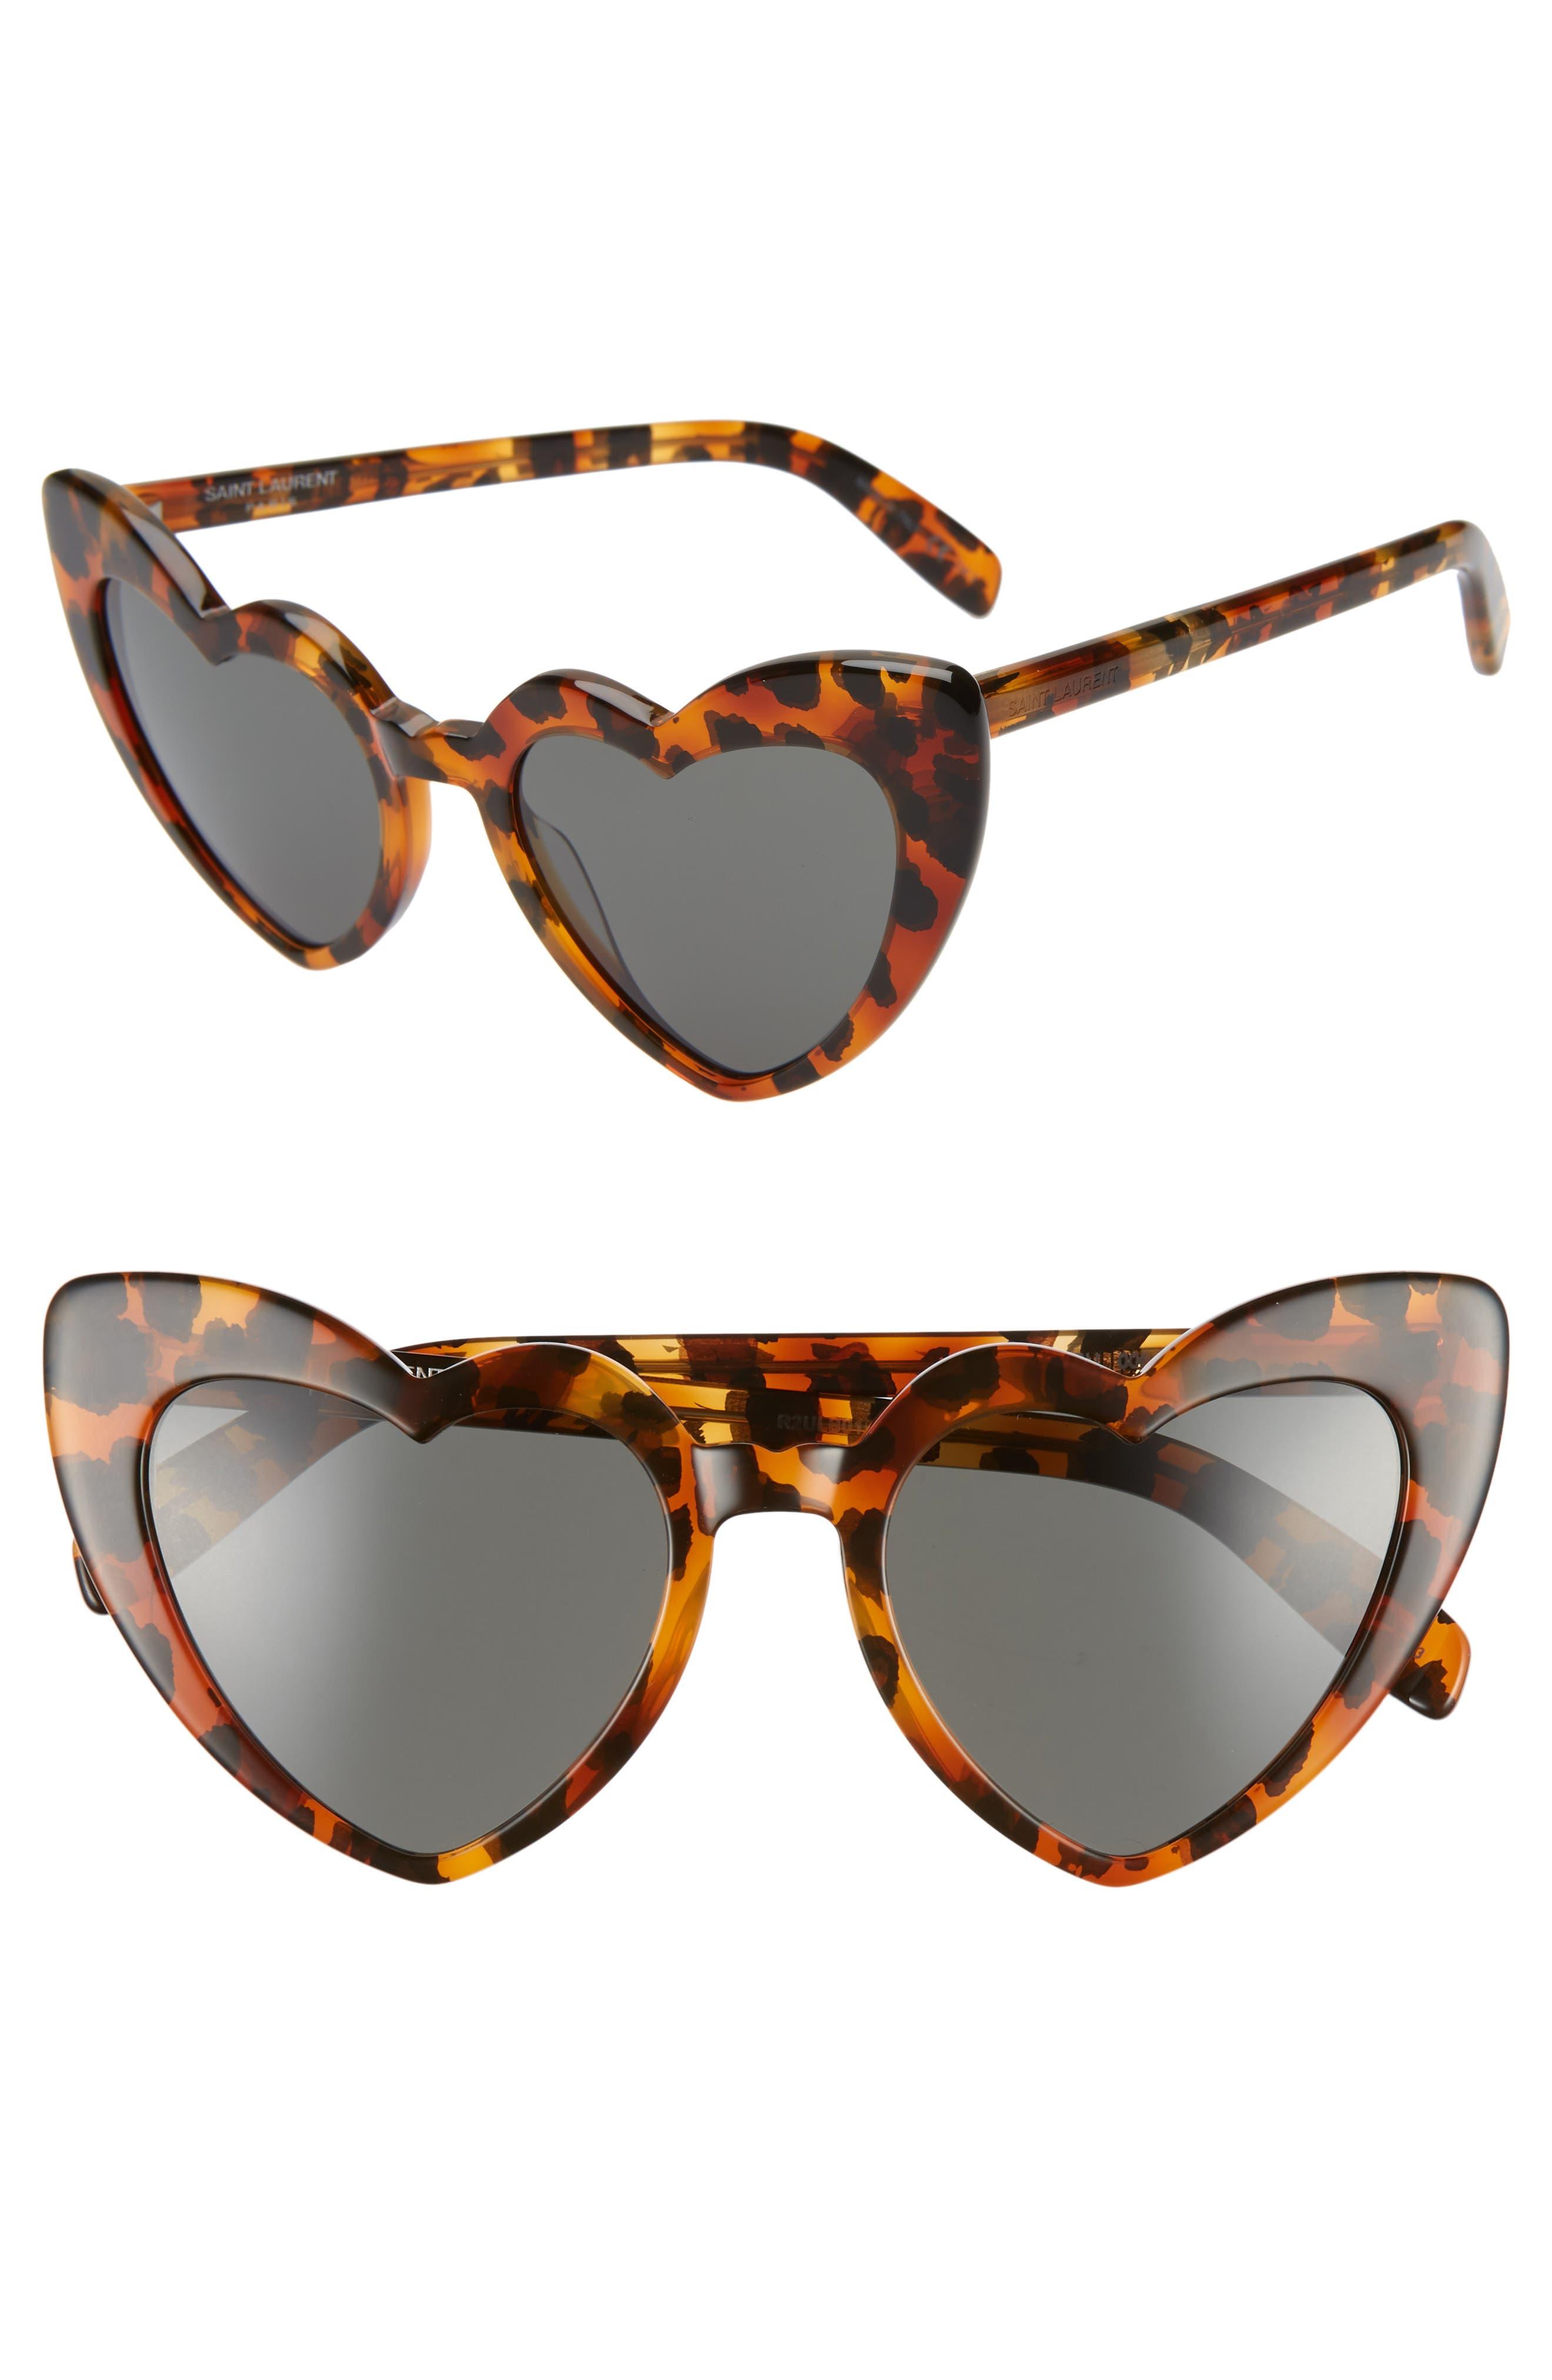 SAINT LAURENT Loulou 54mm Heart Sunglasses, Main, color, LEOPARD HAVANA/ GREY